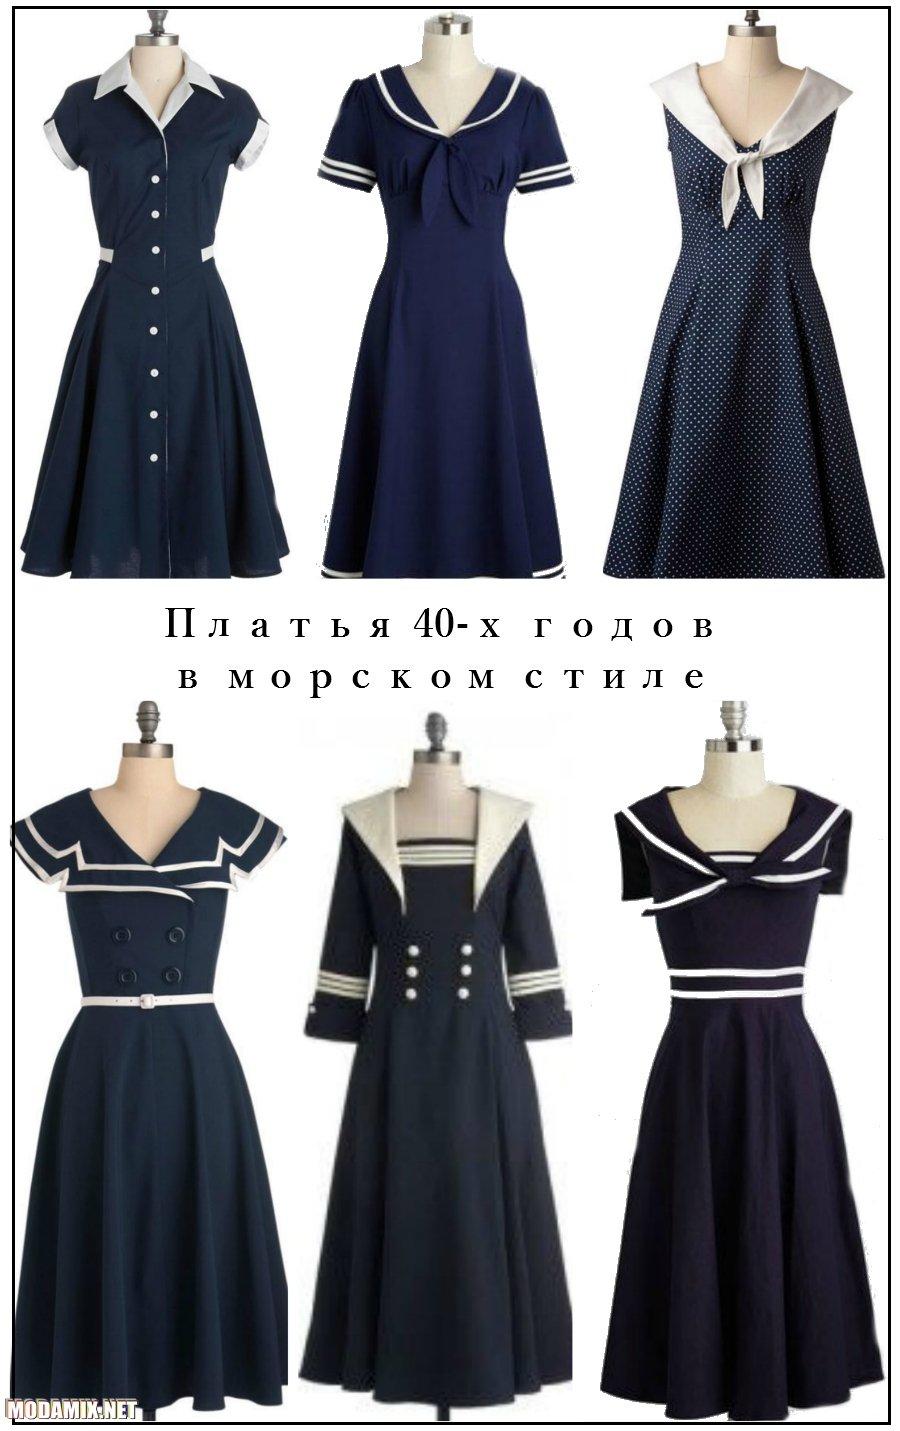 Фото платьев 40х годов в стиле Navy